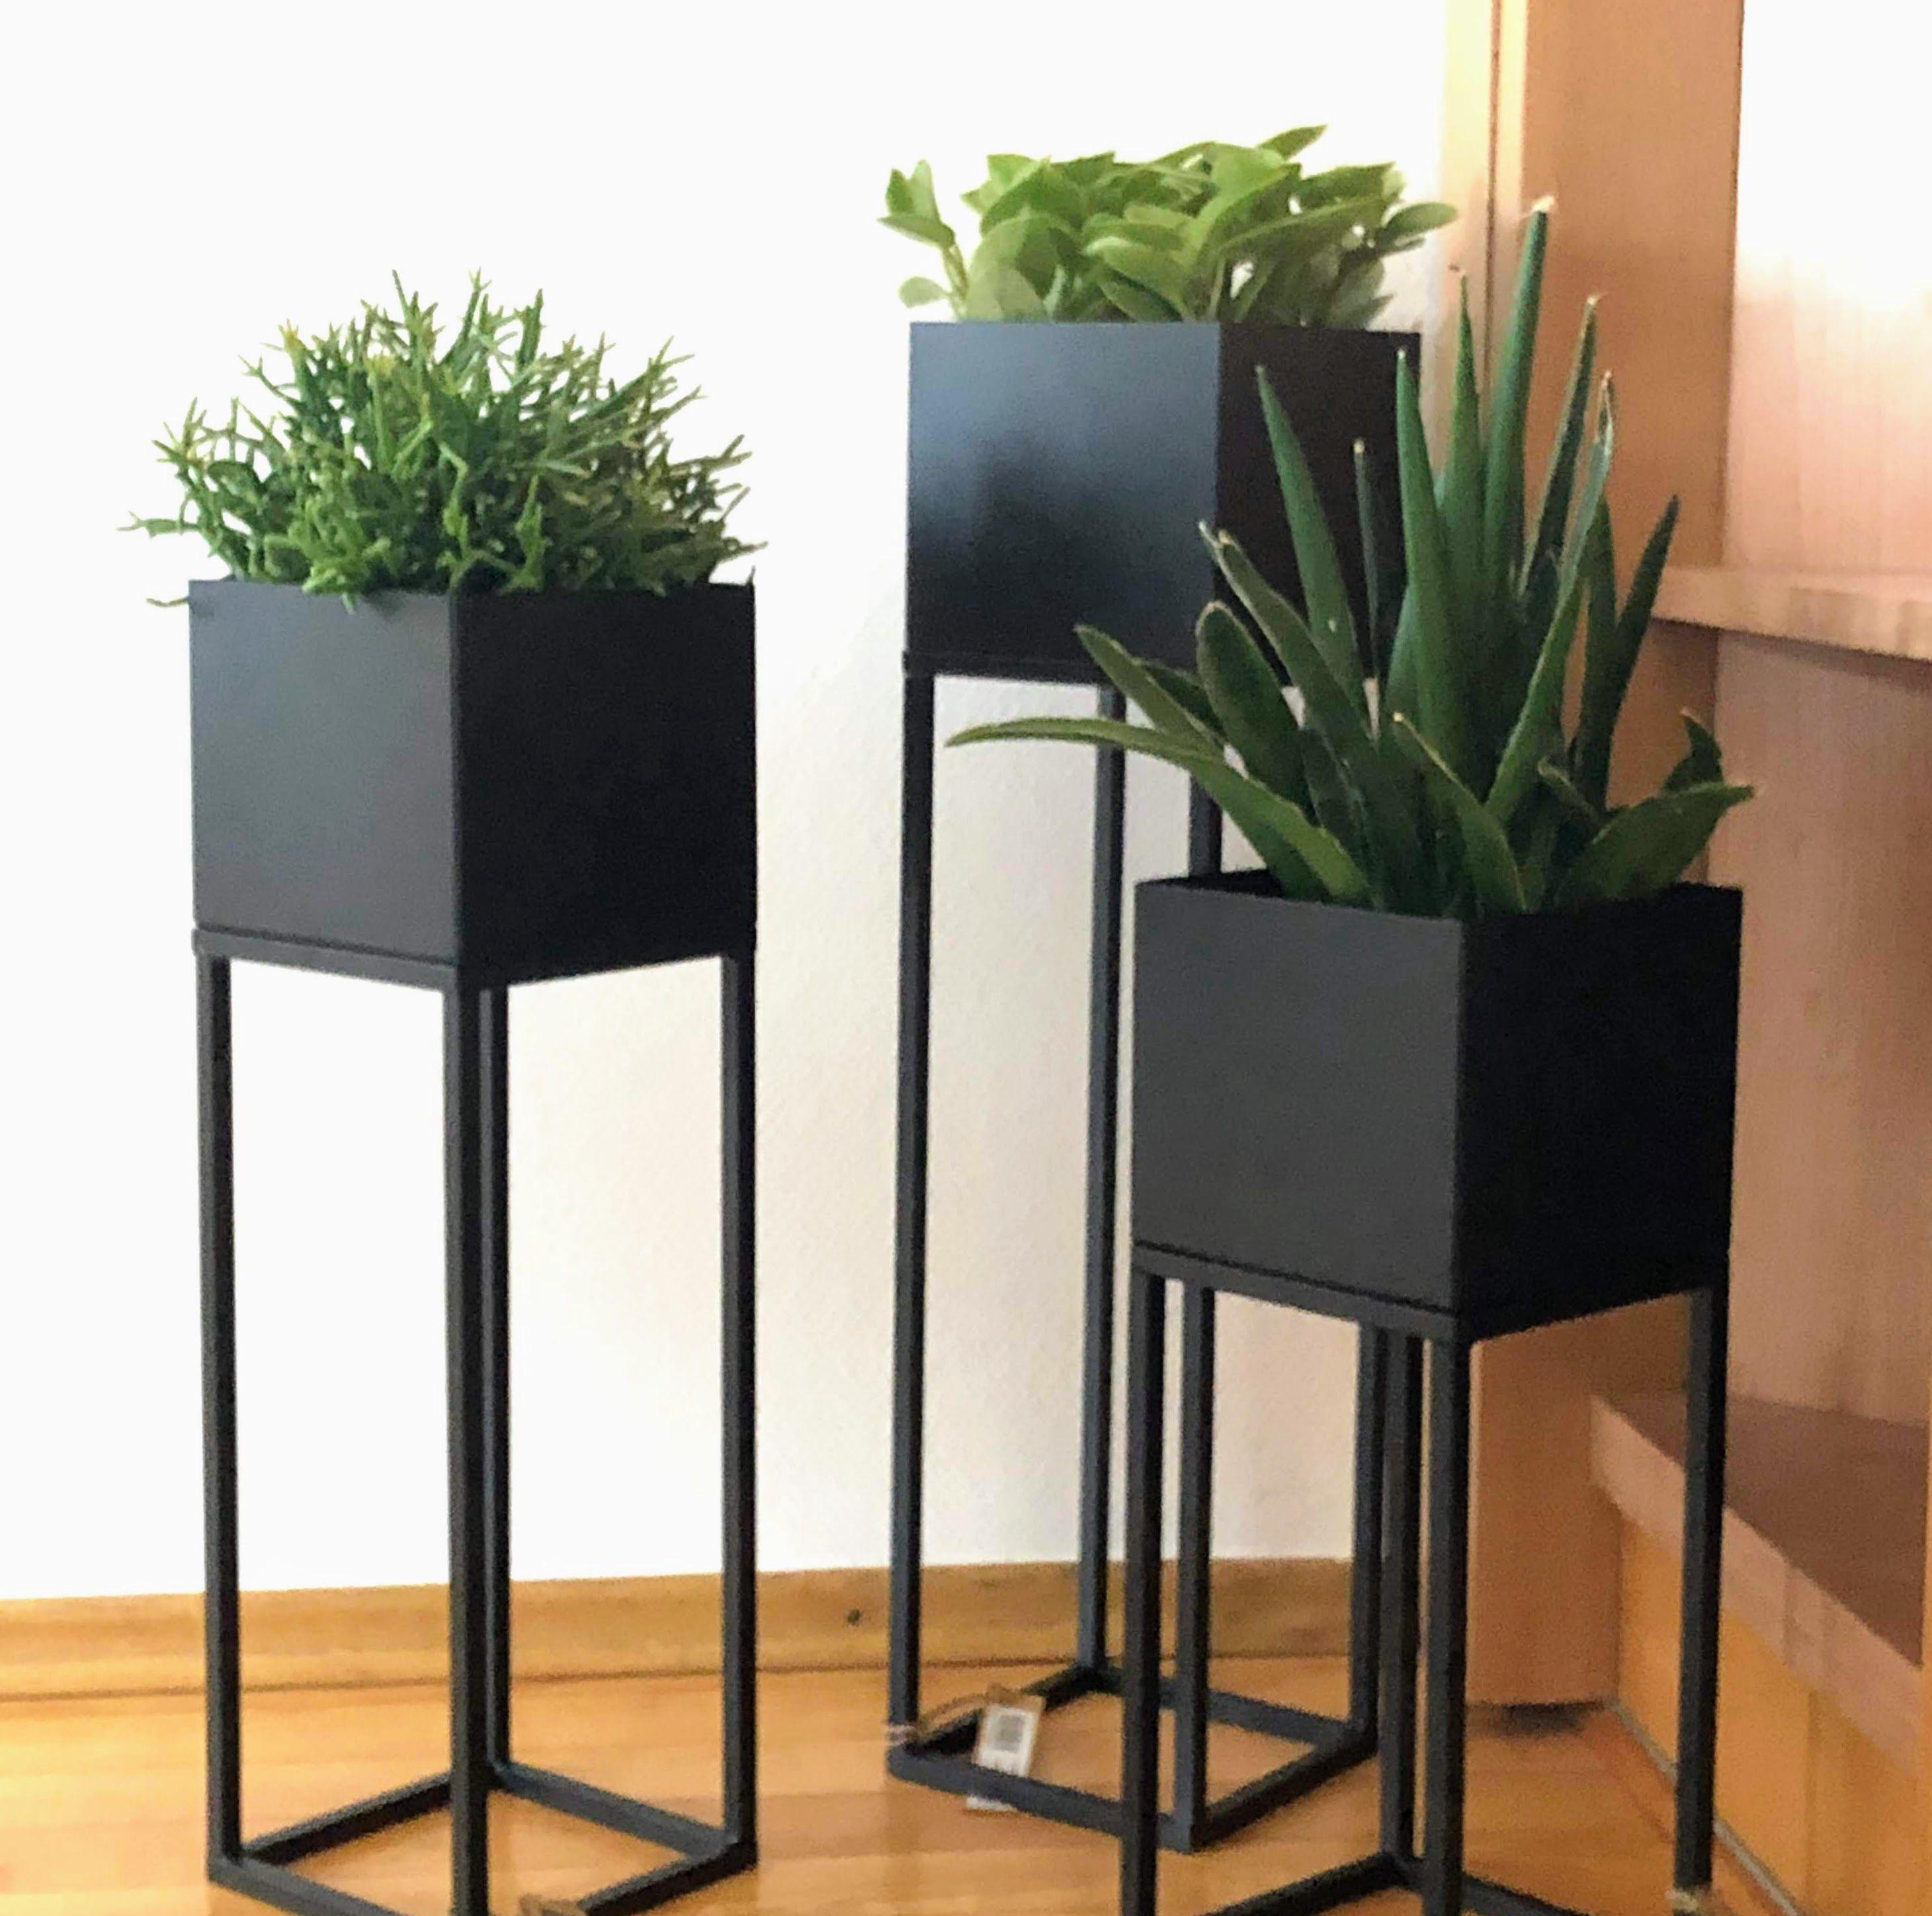 Blumenständer Metall quadratisch mit Gestell, schwarz